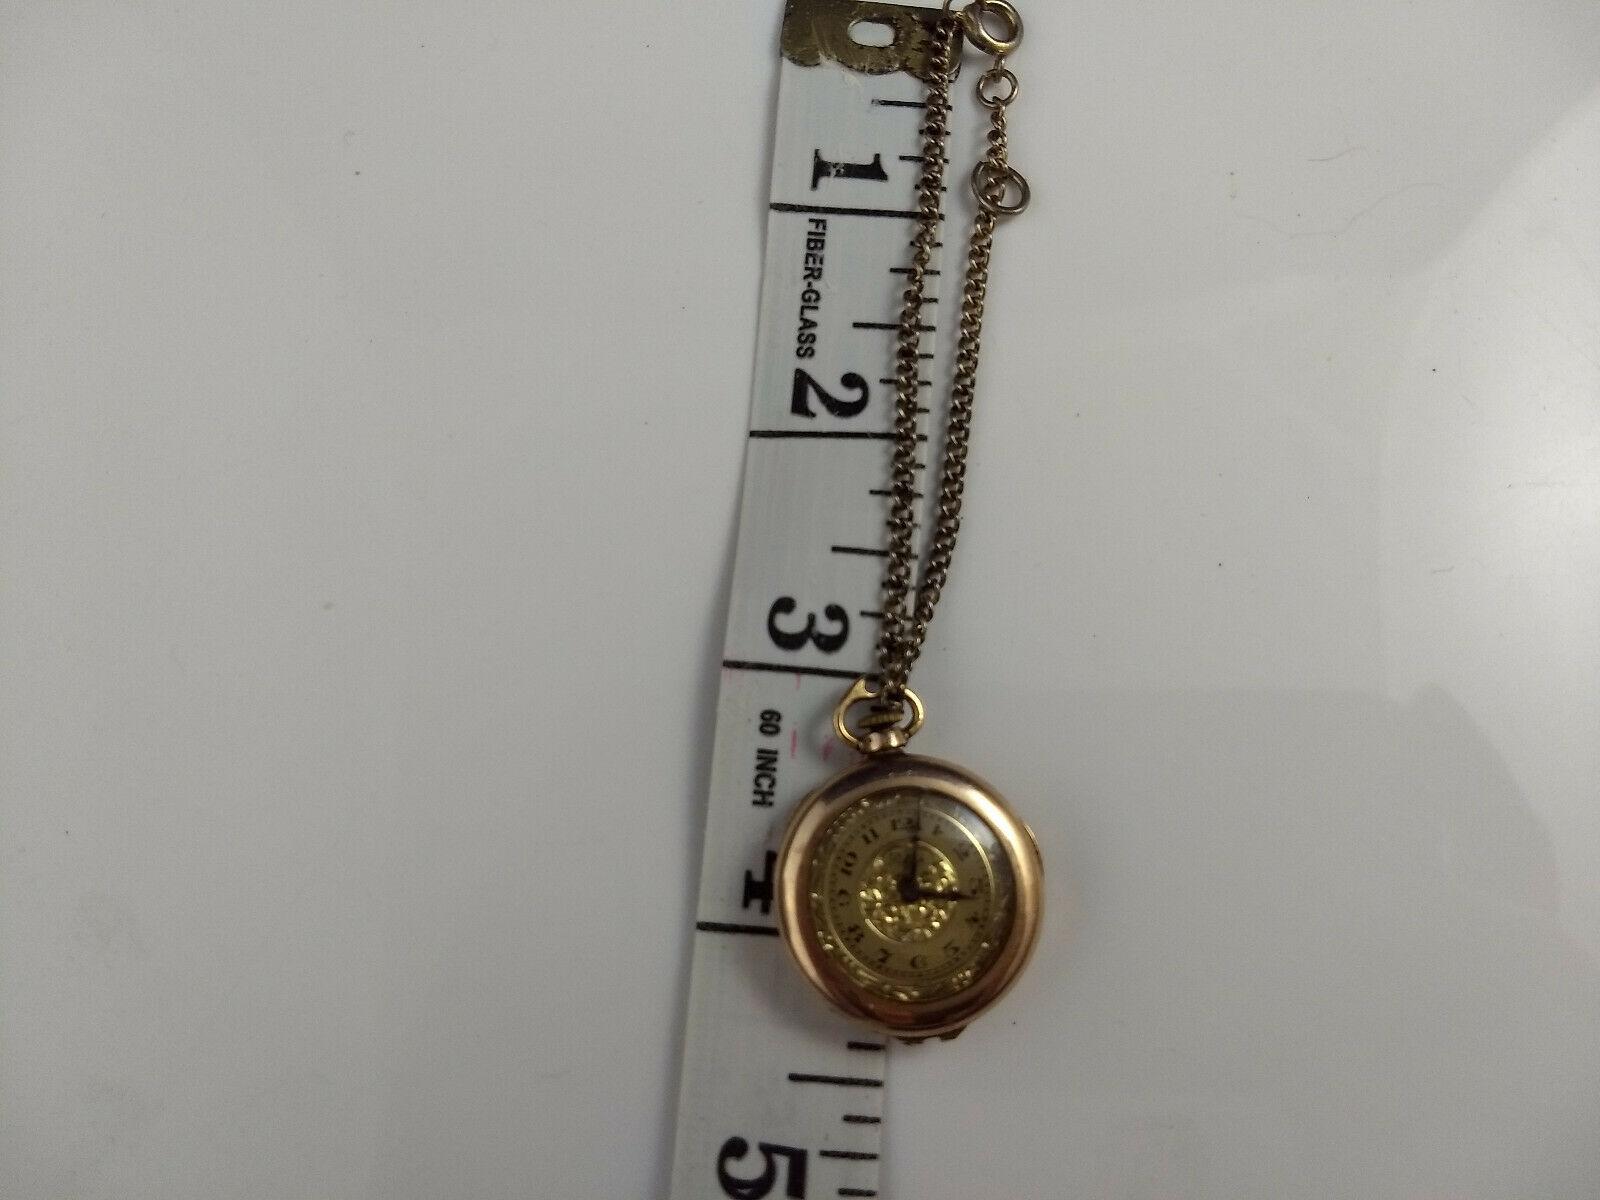 vtg WADSWORTH RELGIS HELBROS W & CO 15j 10k GOLD FILLED POCKET WATCH Swiss rare image 4